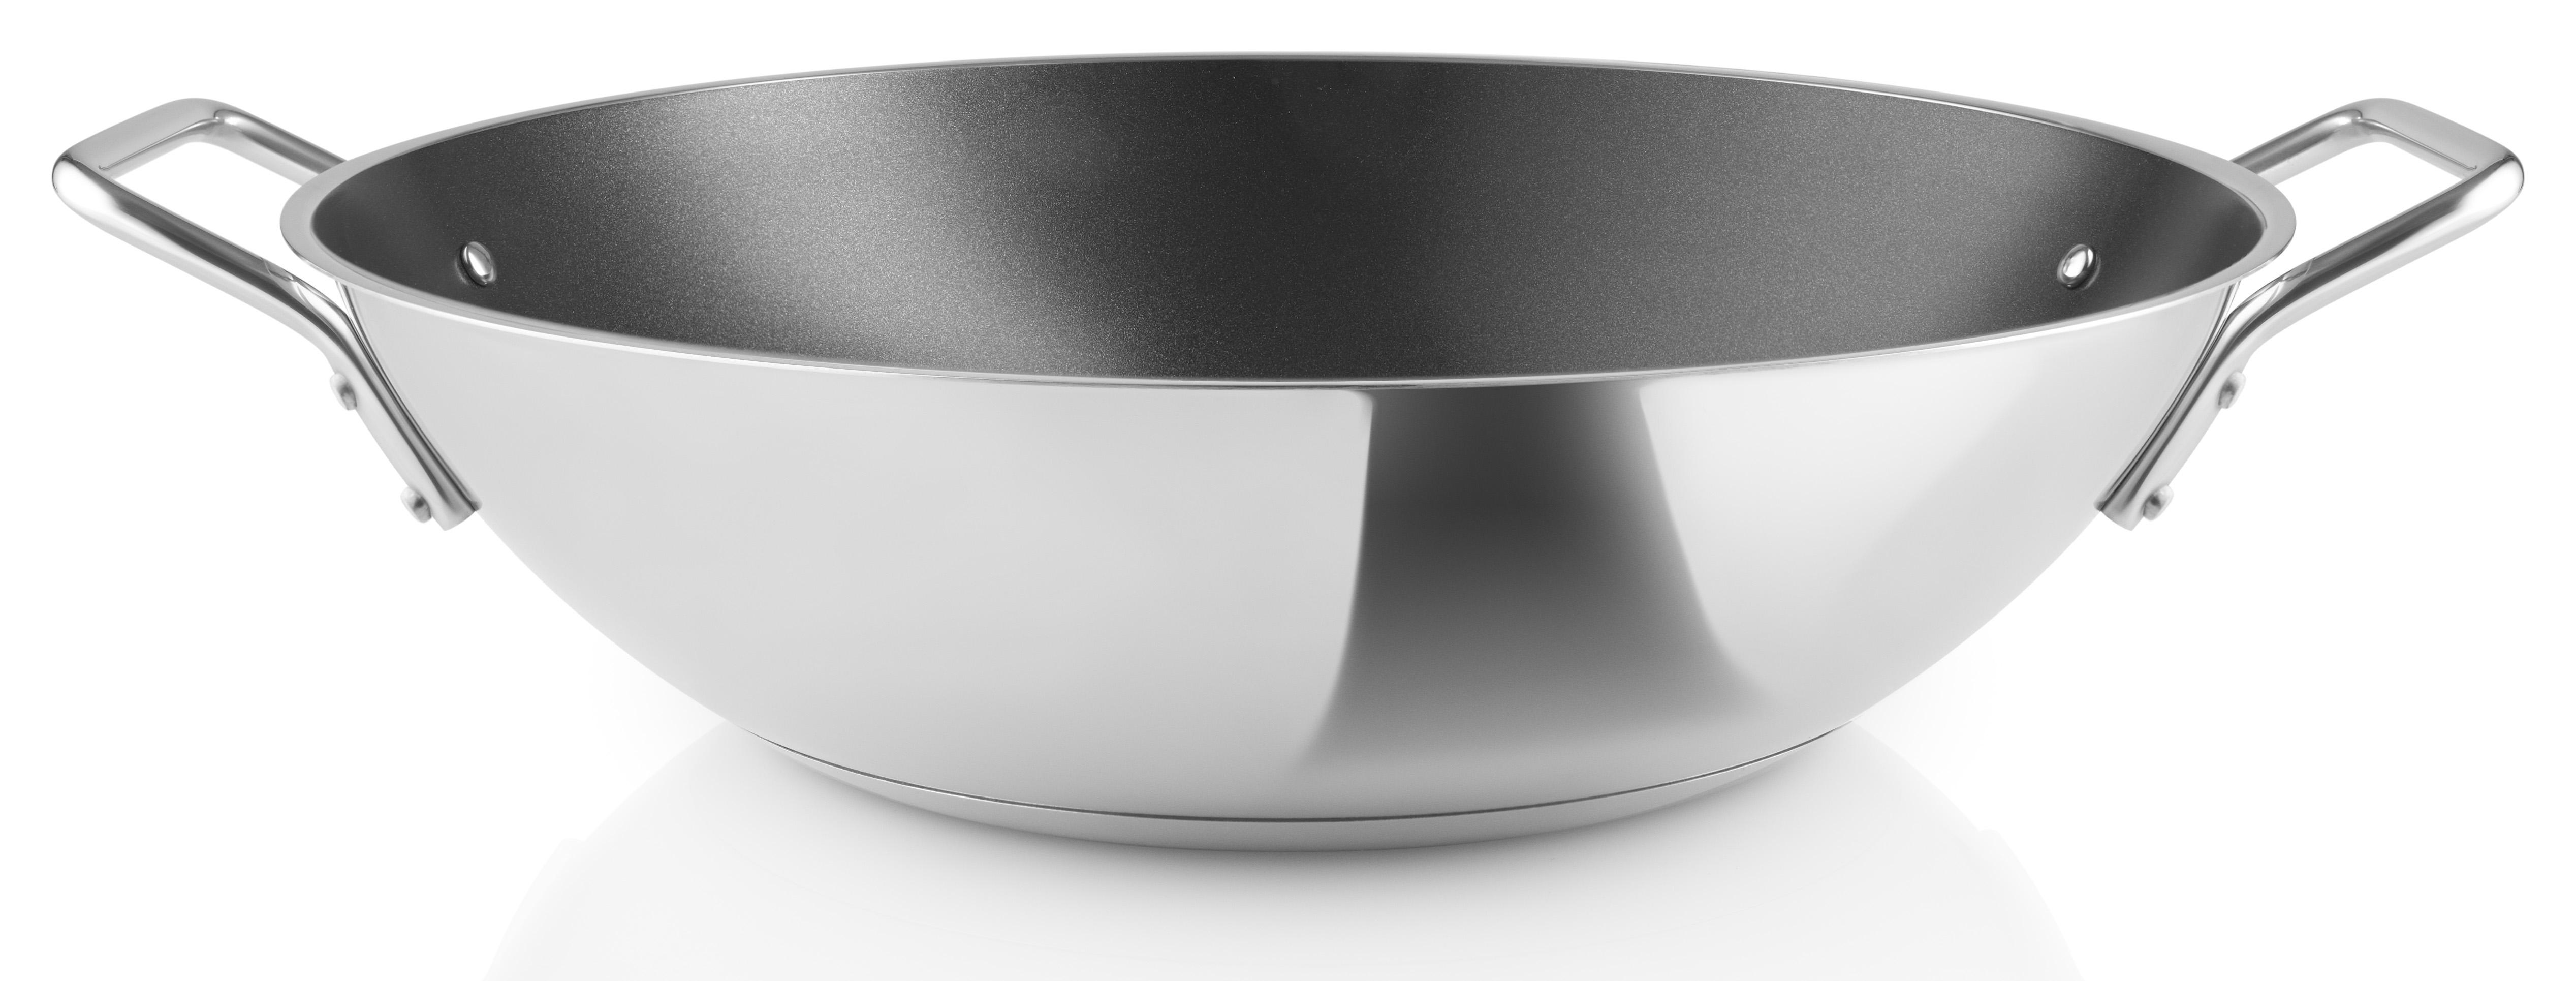 EVA SOLO Nerezová pánev wok s nepřilnavým keramickým vnitřním povrchem Ø 32 cm